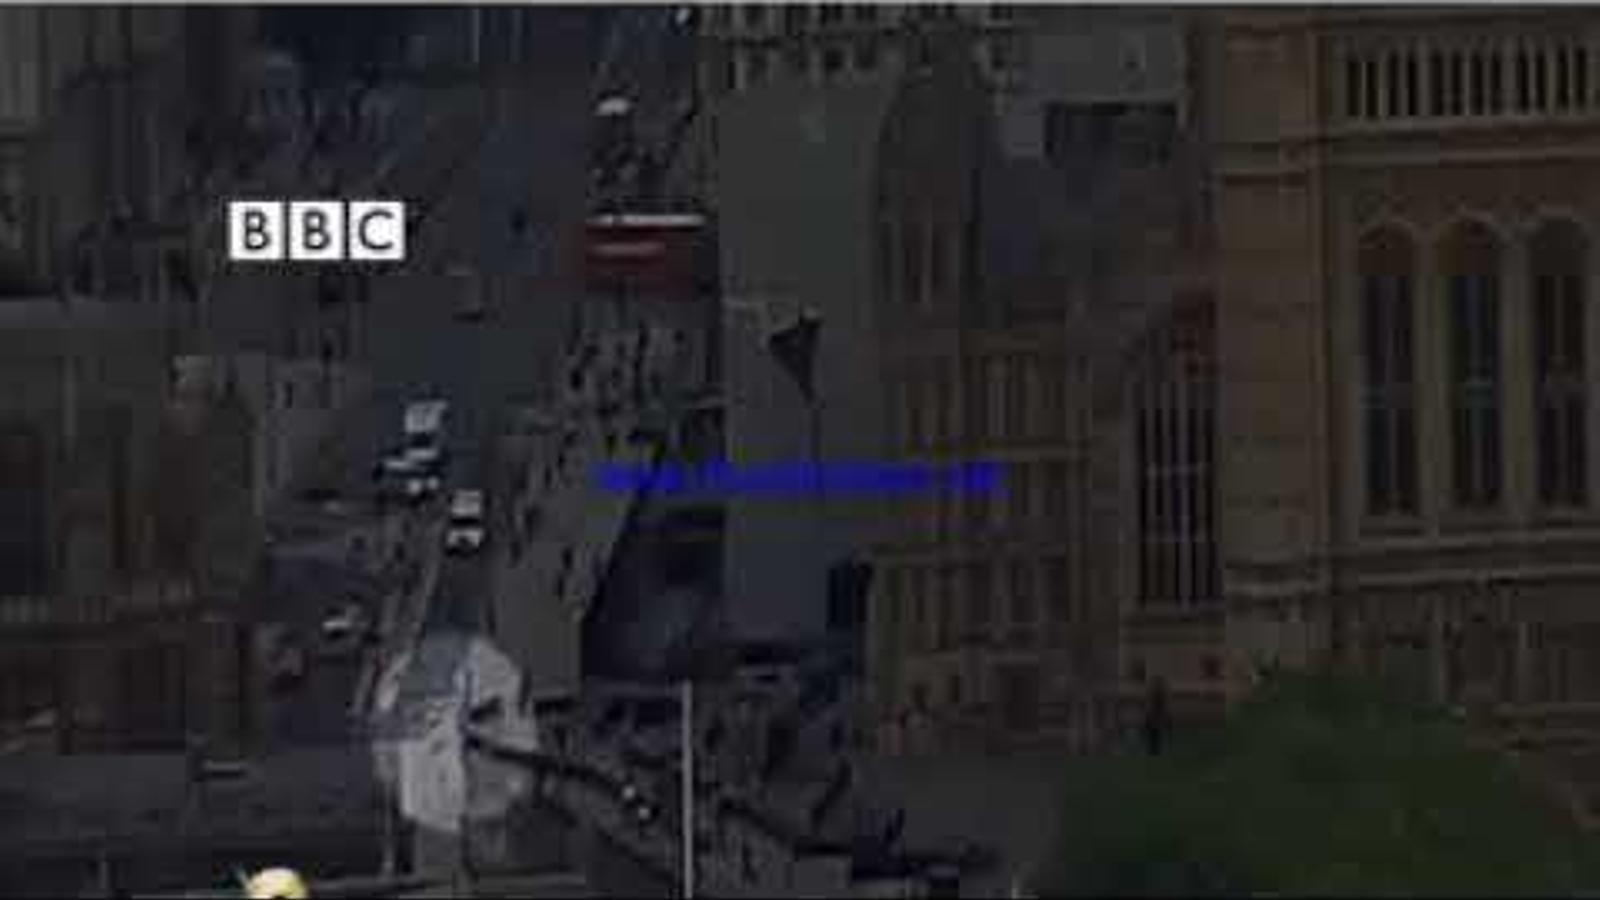 Vídeo publicat per la cadena anglesa BBC sobre el moment de l'atropellament